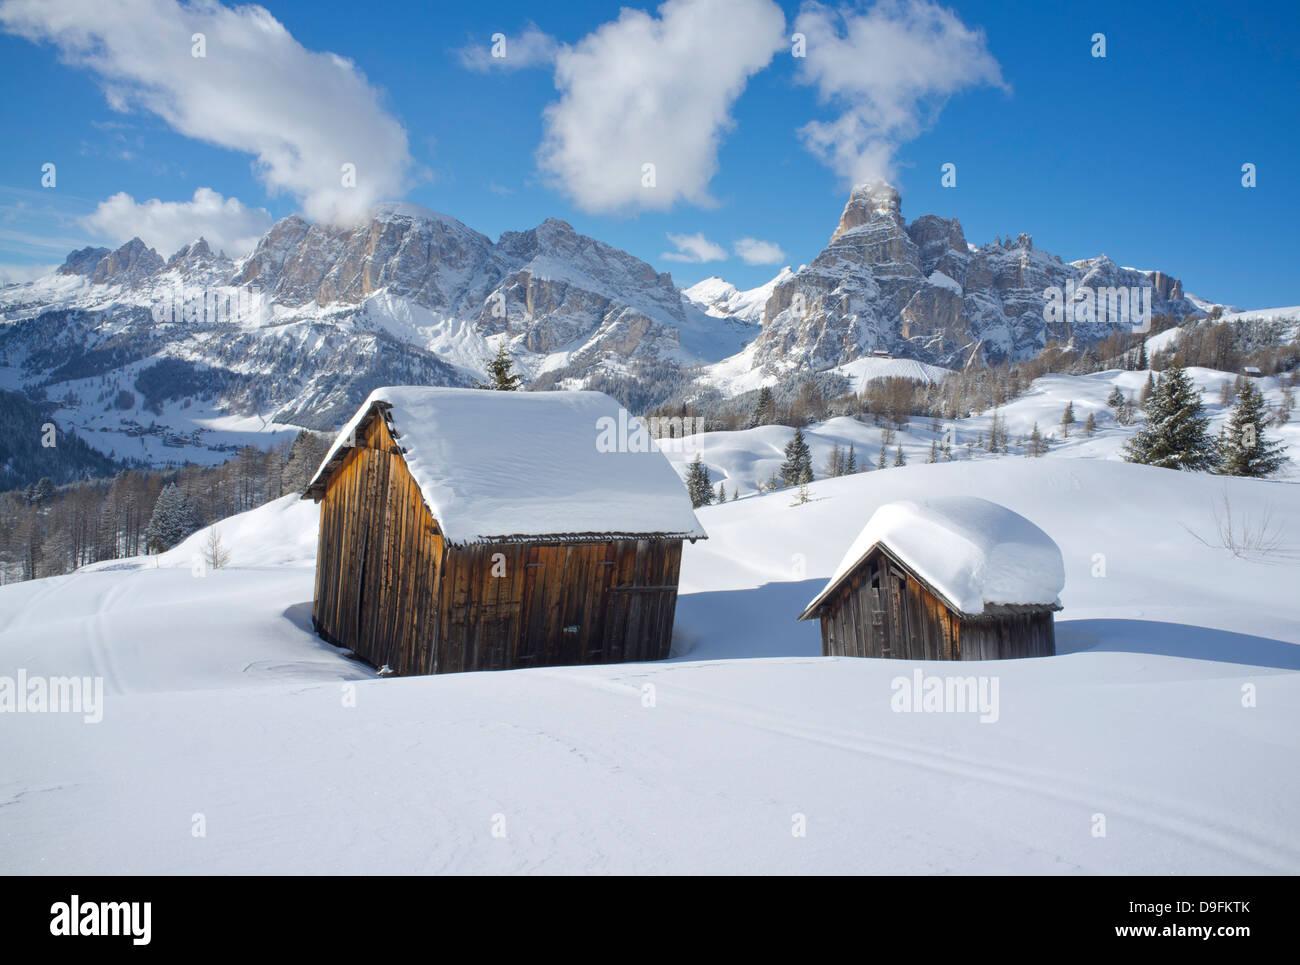 Mounts Lavarella, Conturines and Sasongher behind barns at the Alta Badia ski resort near Corvara, Dolomites, South - Stock Image